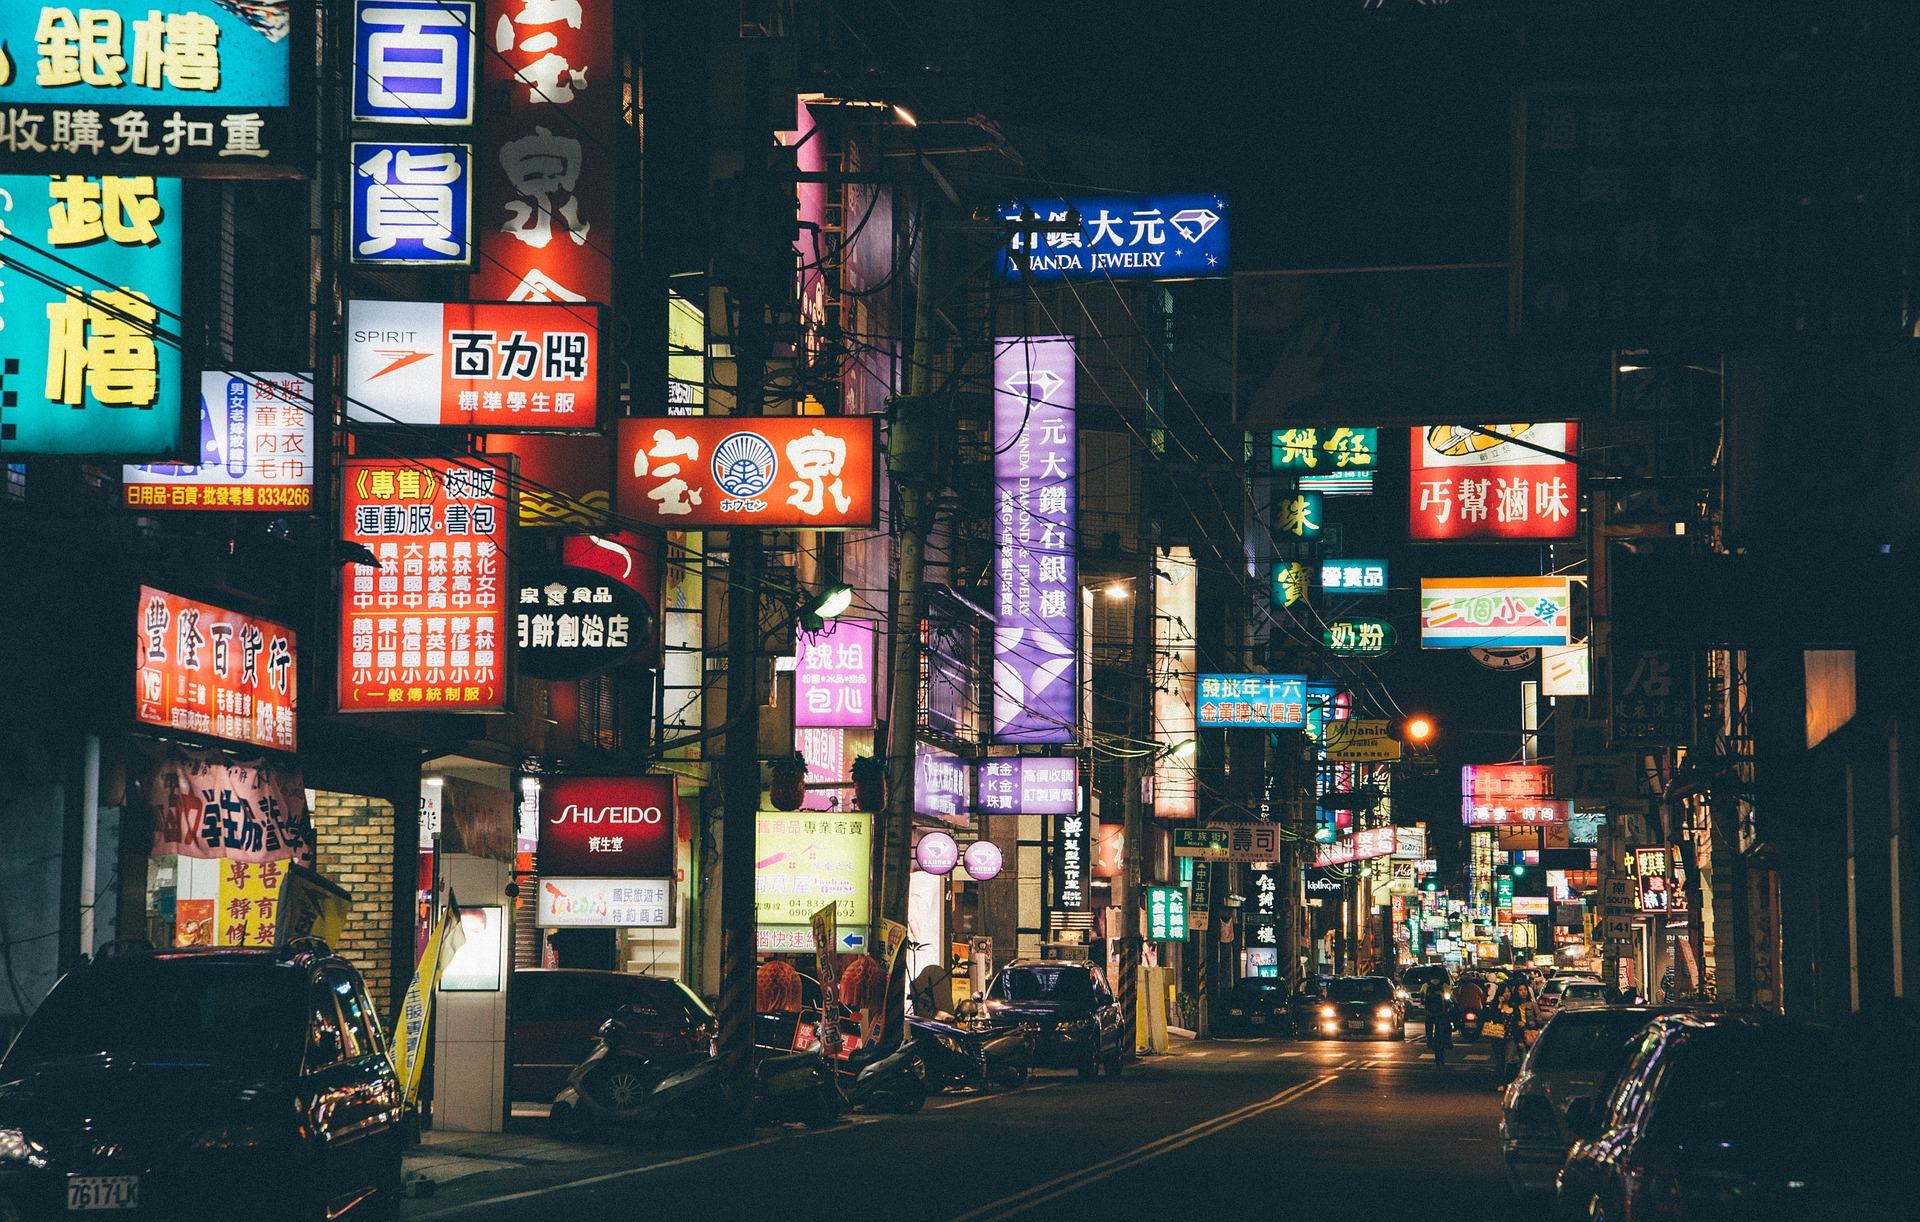 【旅行記】Part3 いきなり野宿!?青島上陸【1人旅】